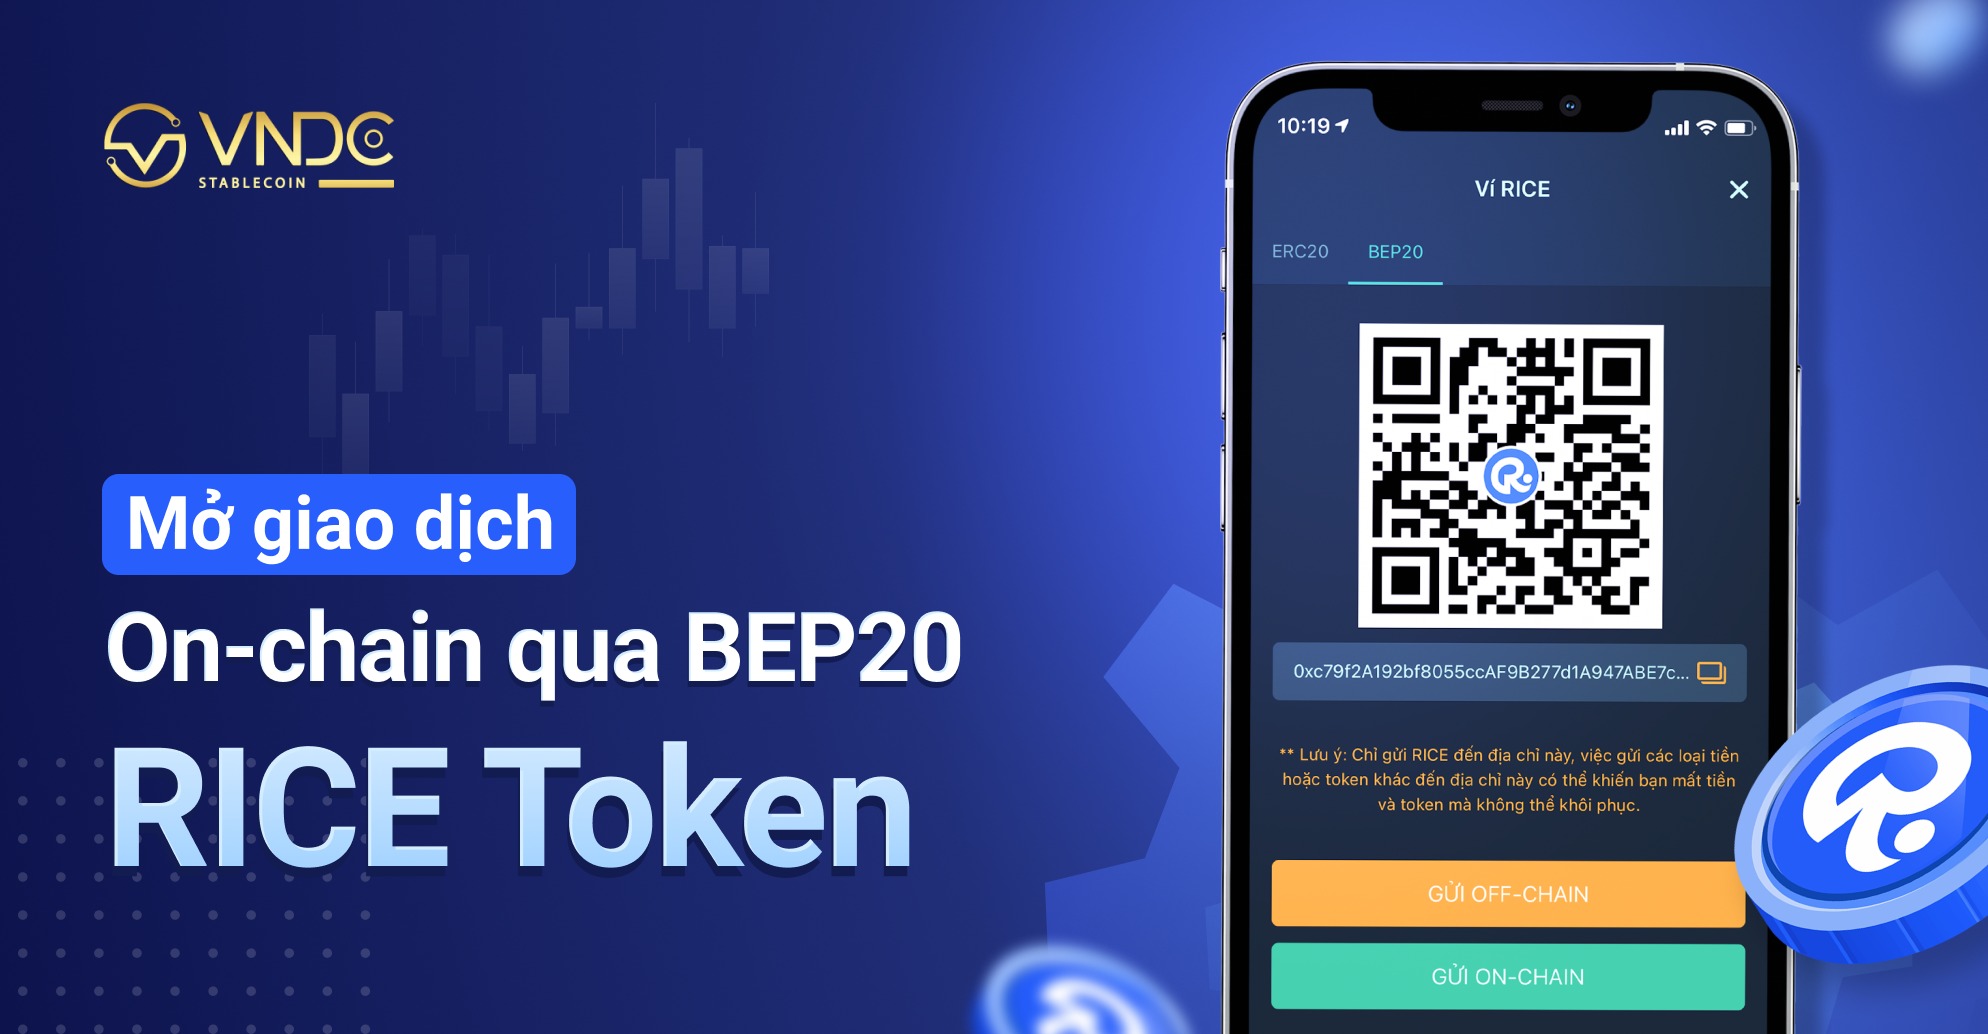 Mở giao dịch On-chain qua mạng BEP20 cho RICE token